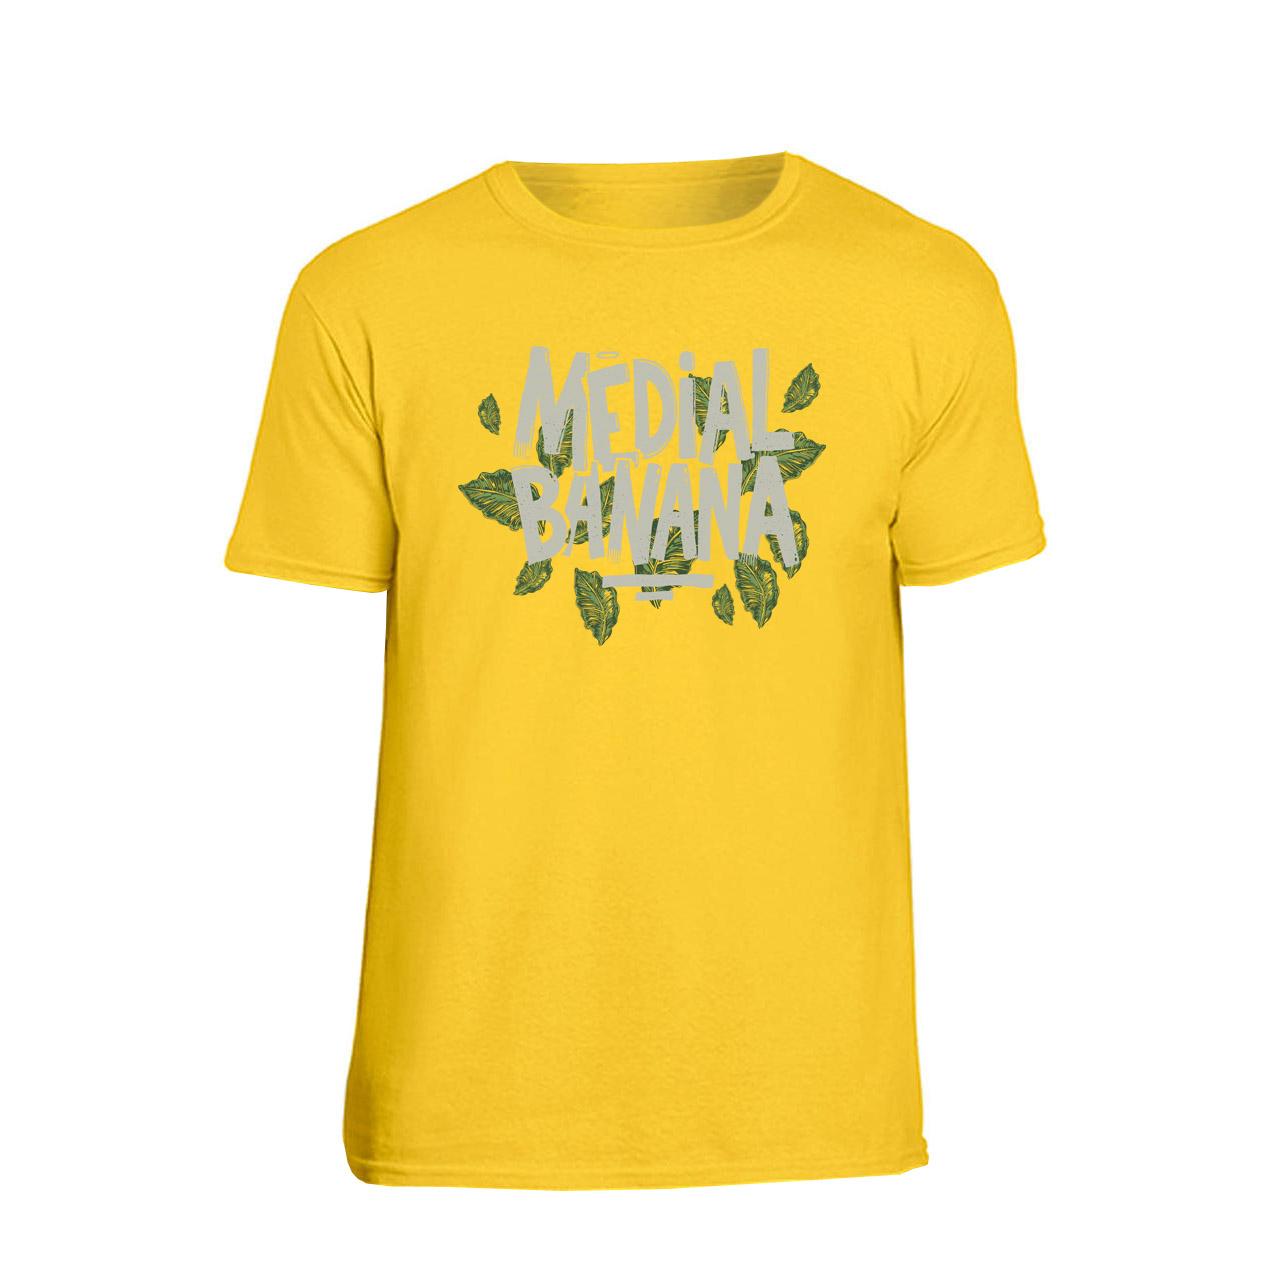 Medial Banana - Tričko Leafy - Muž, Žltá, M